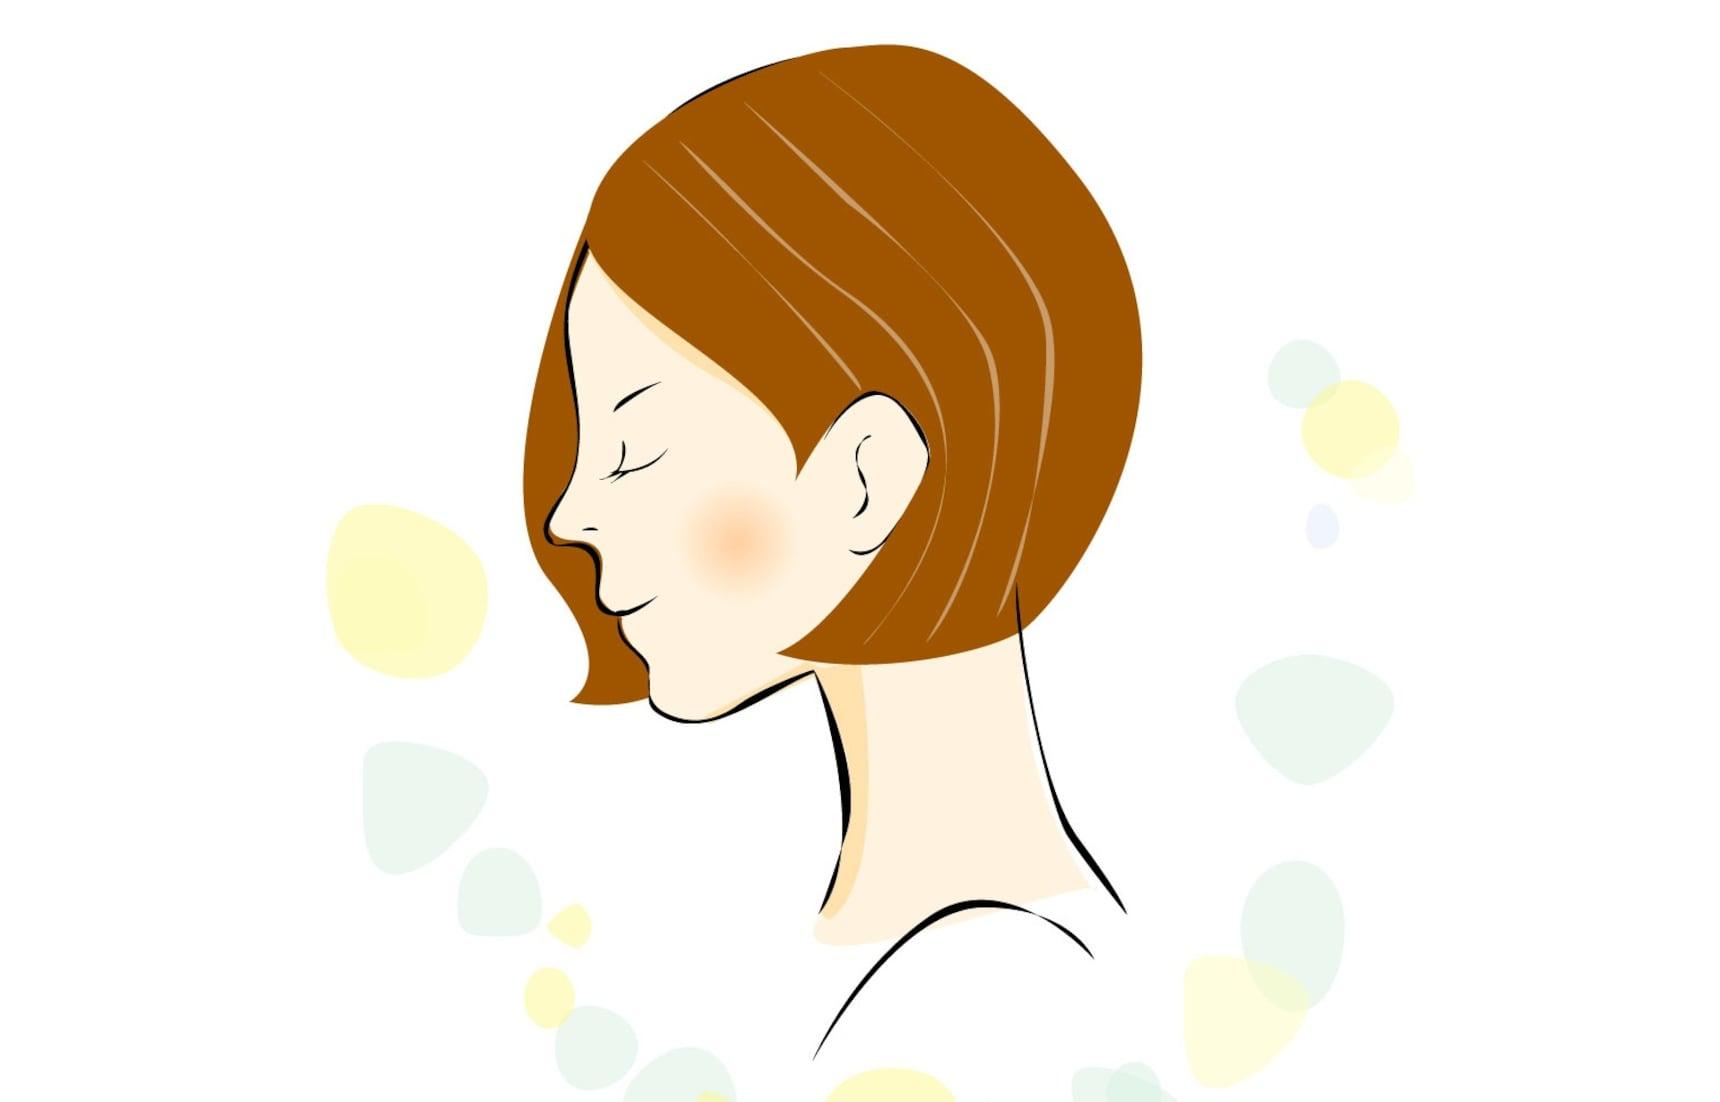 30代~40代女性之间评价超高的护肤品和基础化妆品排行榜 第二弹